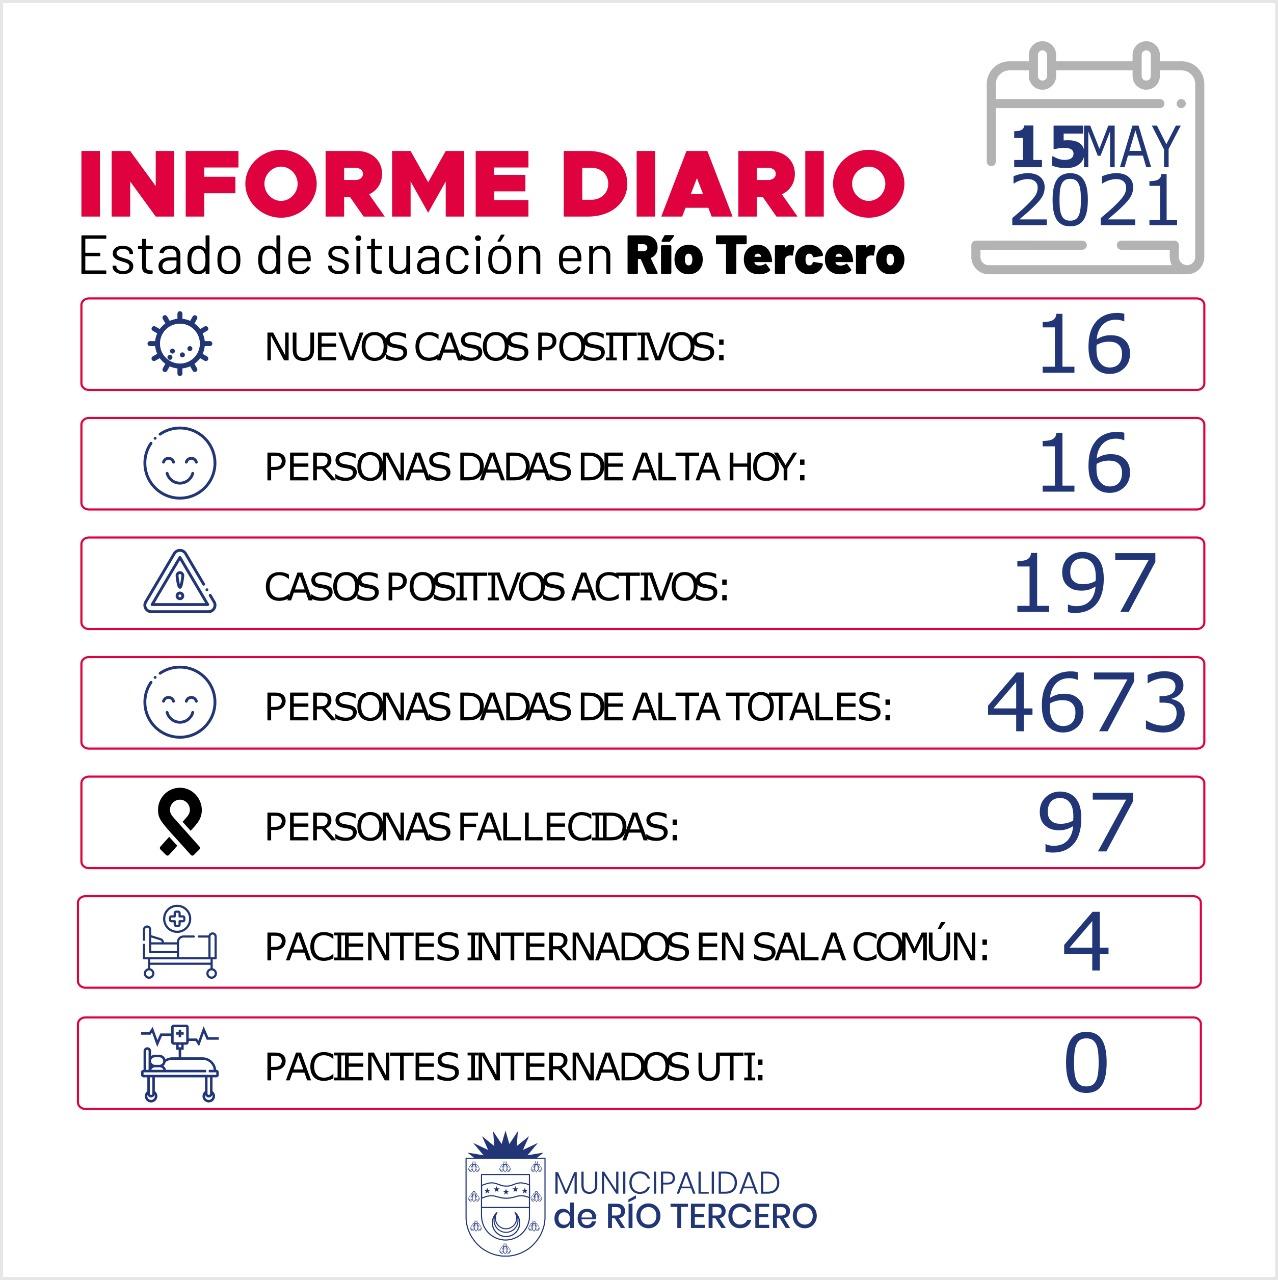 RÍO TERCERO TIENE 197 CASOS ACTIVOS: HOY SE REGISTRARON 16 NUEVOS CASOS POSITIVOS